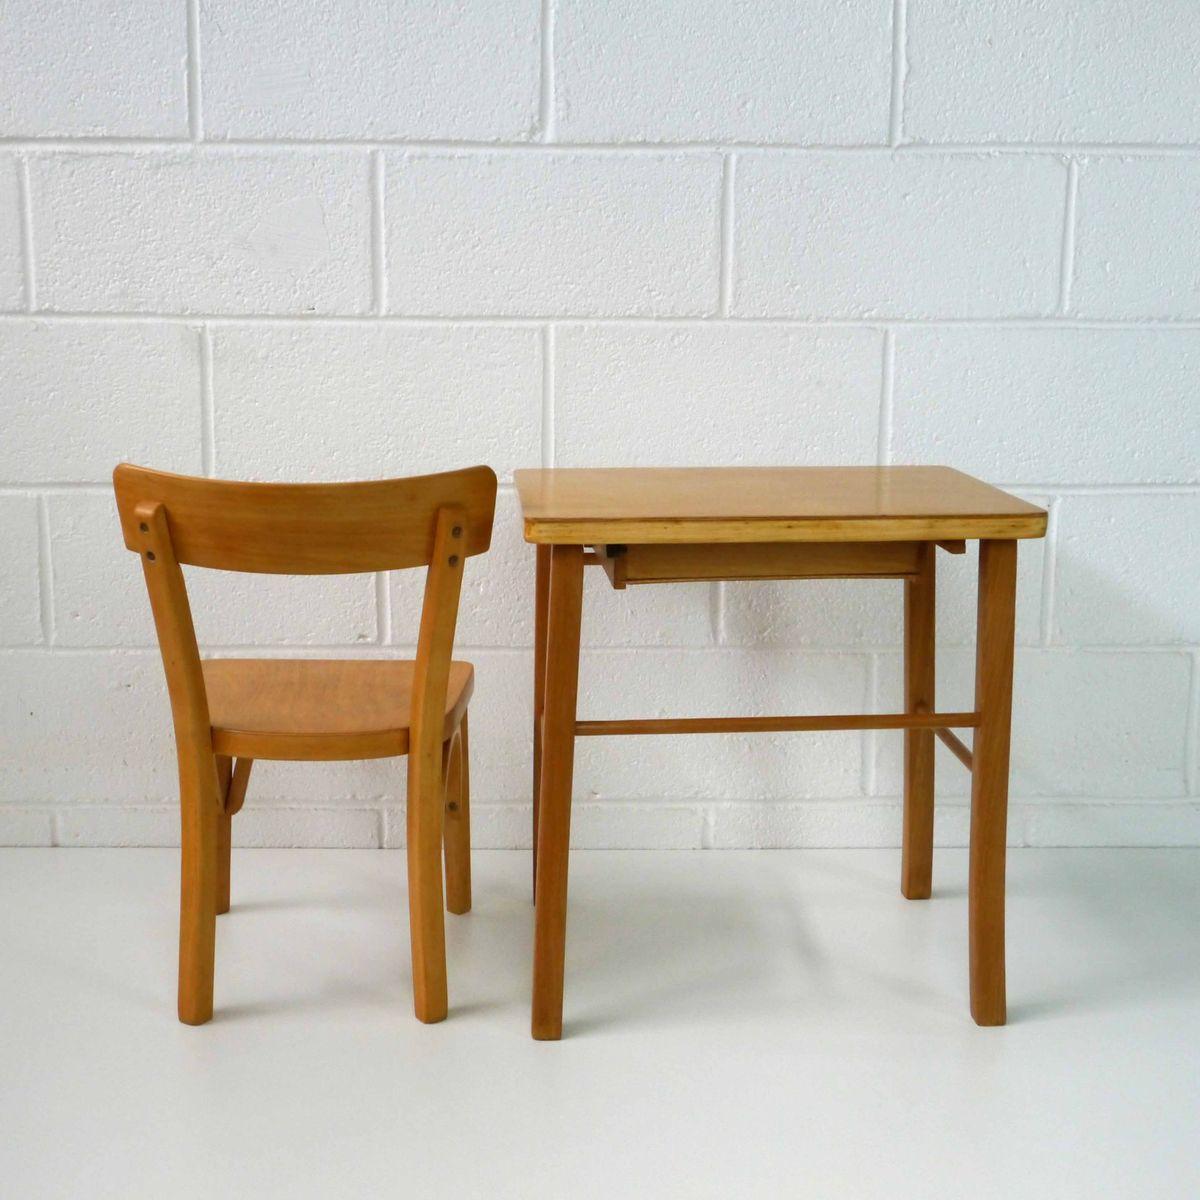 vintage kinder schreibtisch stuhl set von baumann bei. Black Bedroom Furniture Sets. Home Design Ideas